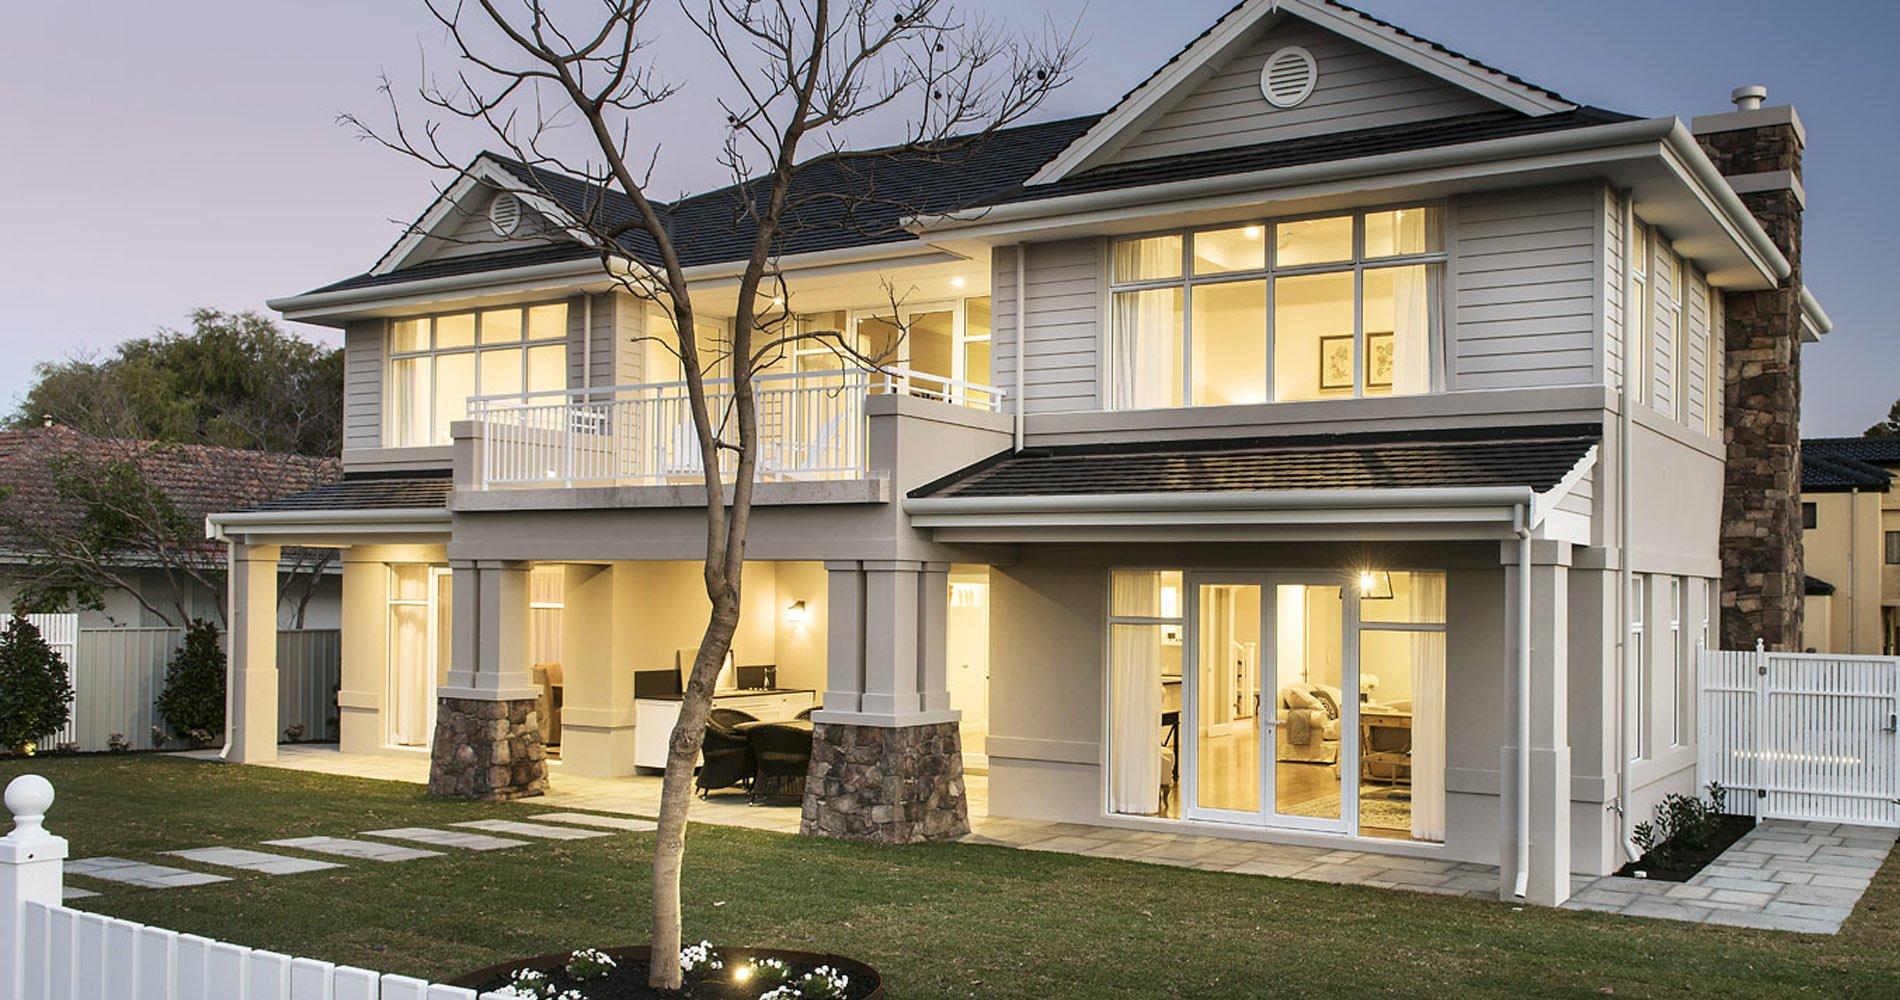 Таунхаус: элитная квартира с привилегиями дома